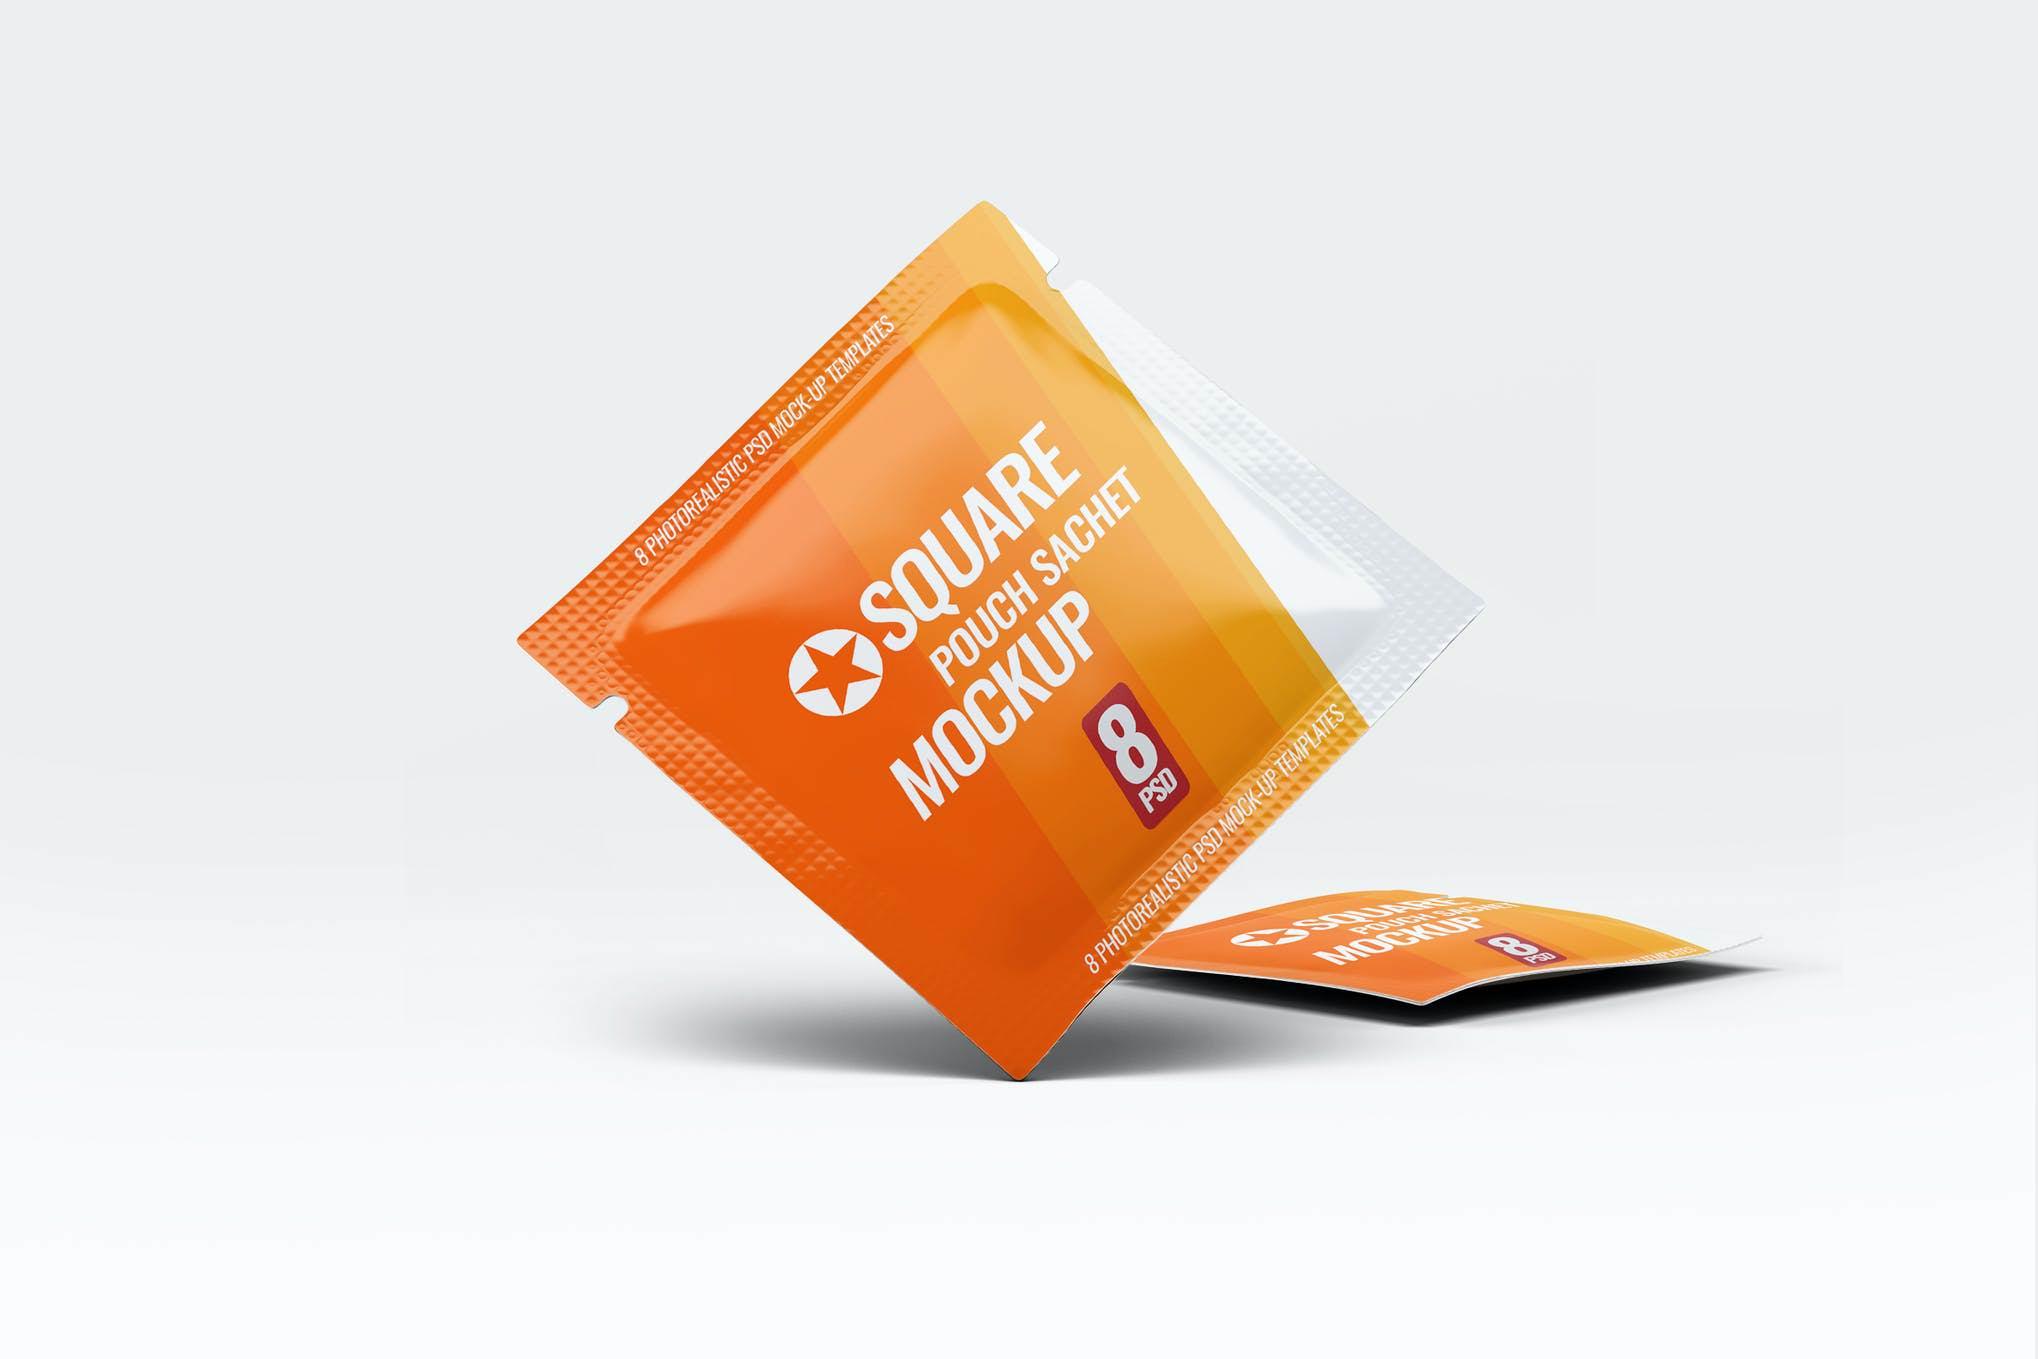 避孕套包装样机效果图插图(1)